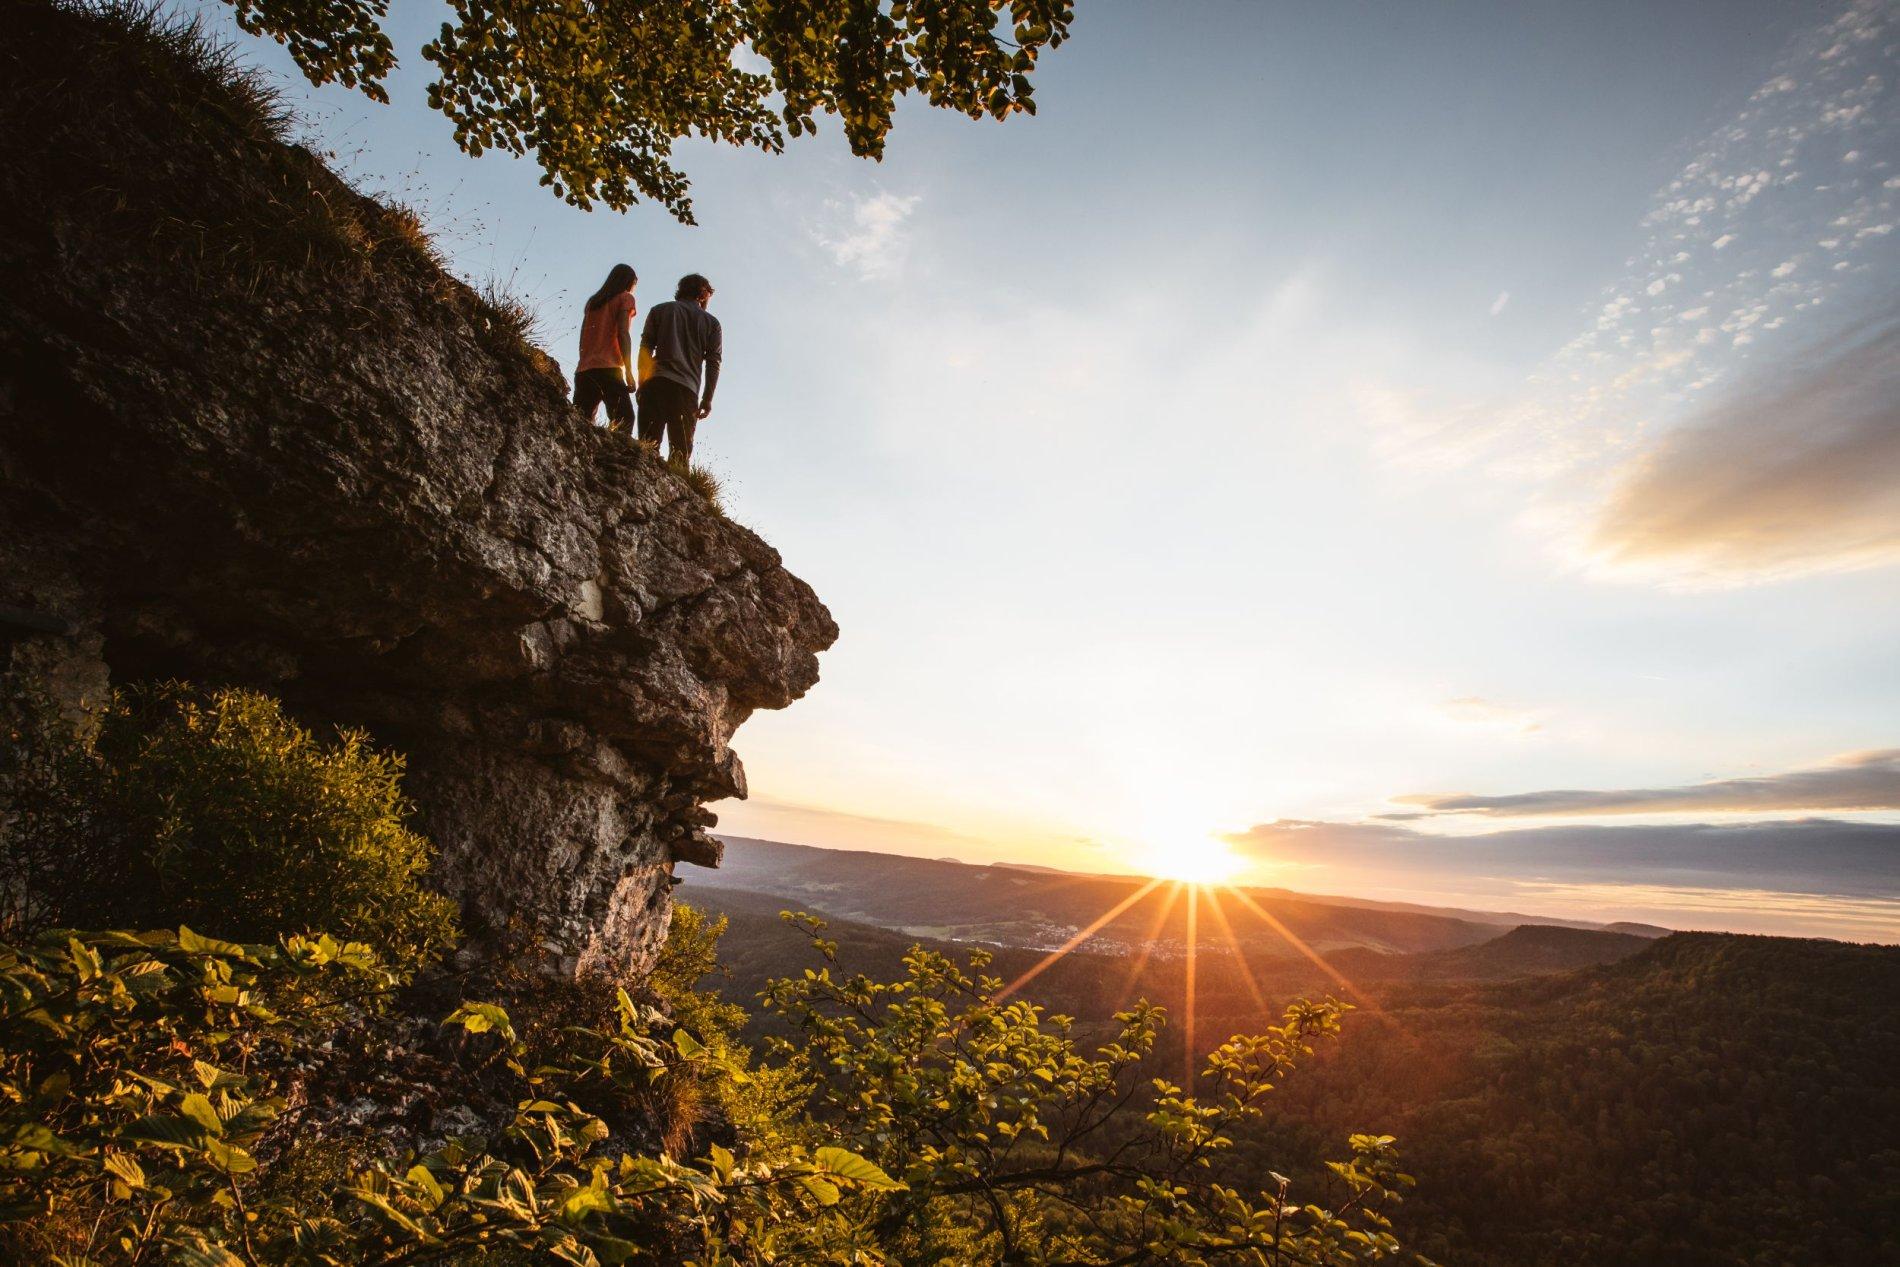 Sonnenaufgang am Aussichtspunkt Hangender Stein